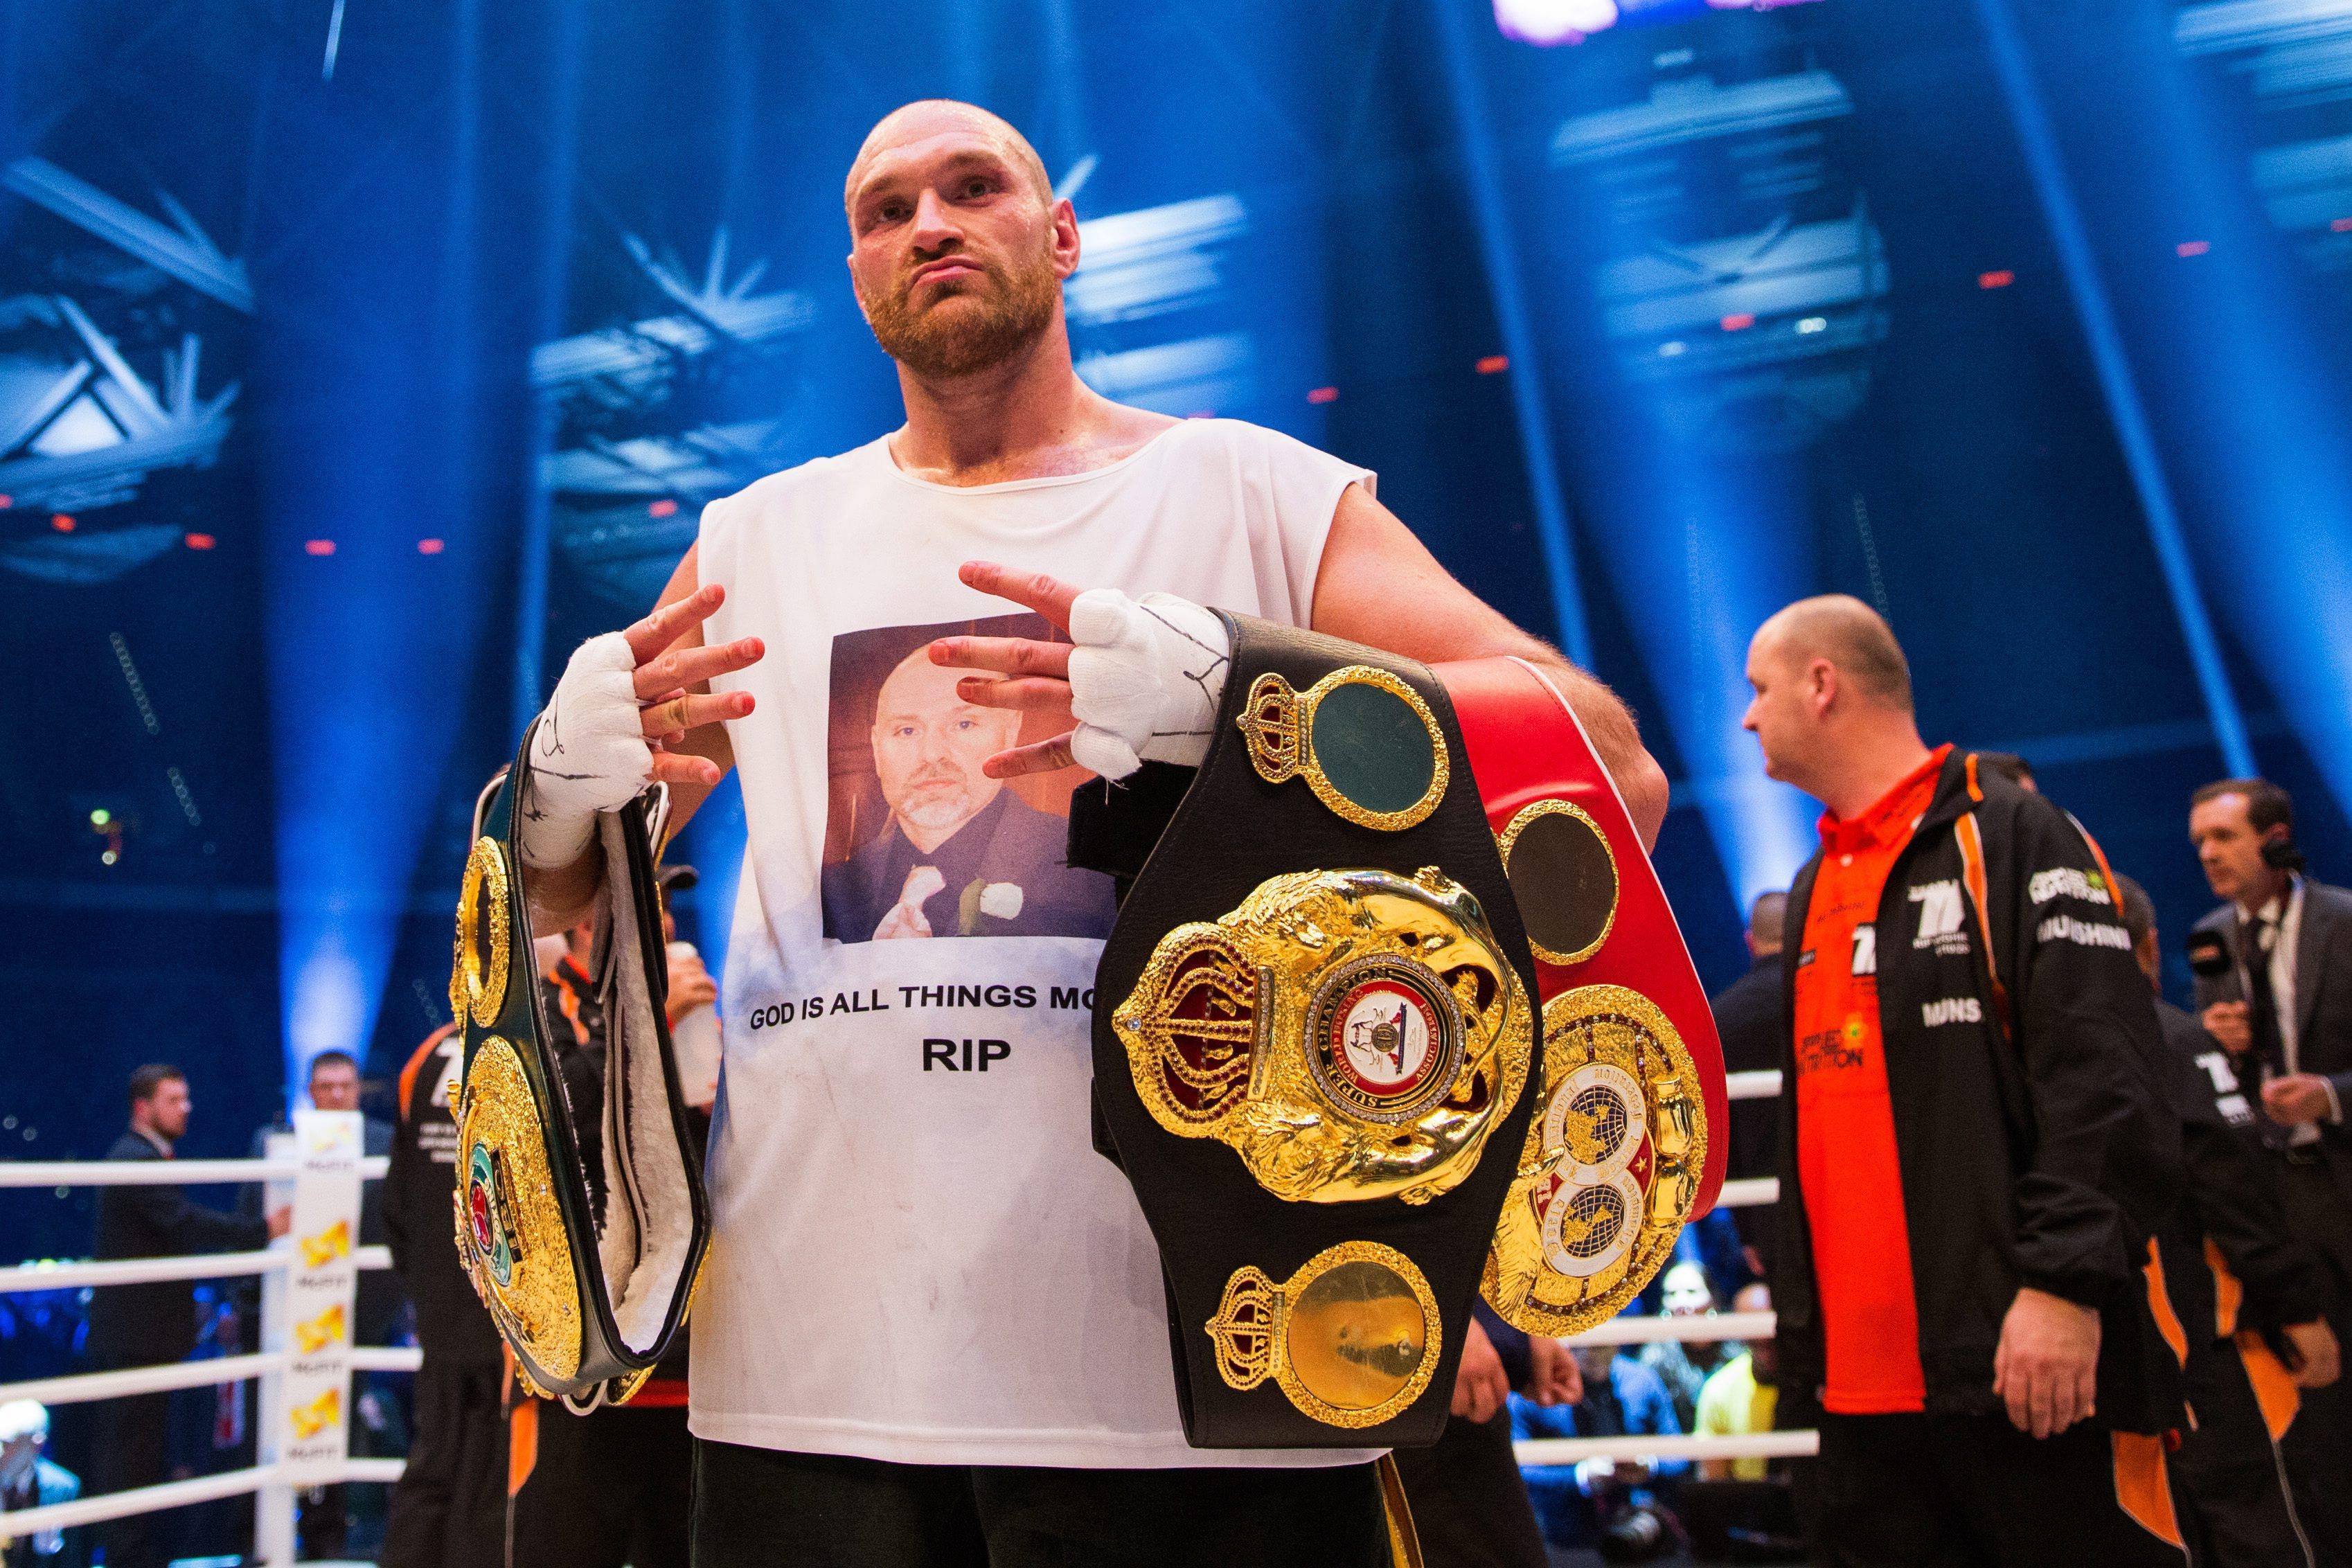 Sagrou-se campeão mundial de boxe, bateu no fundo do poço e batalhou com a depressão. E impediu um homem que lhe bateu à porta de se suicidar